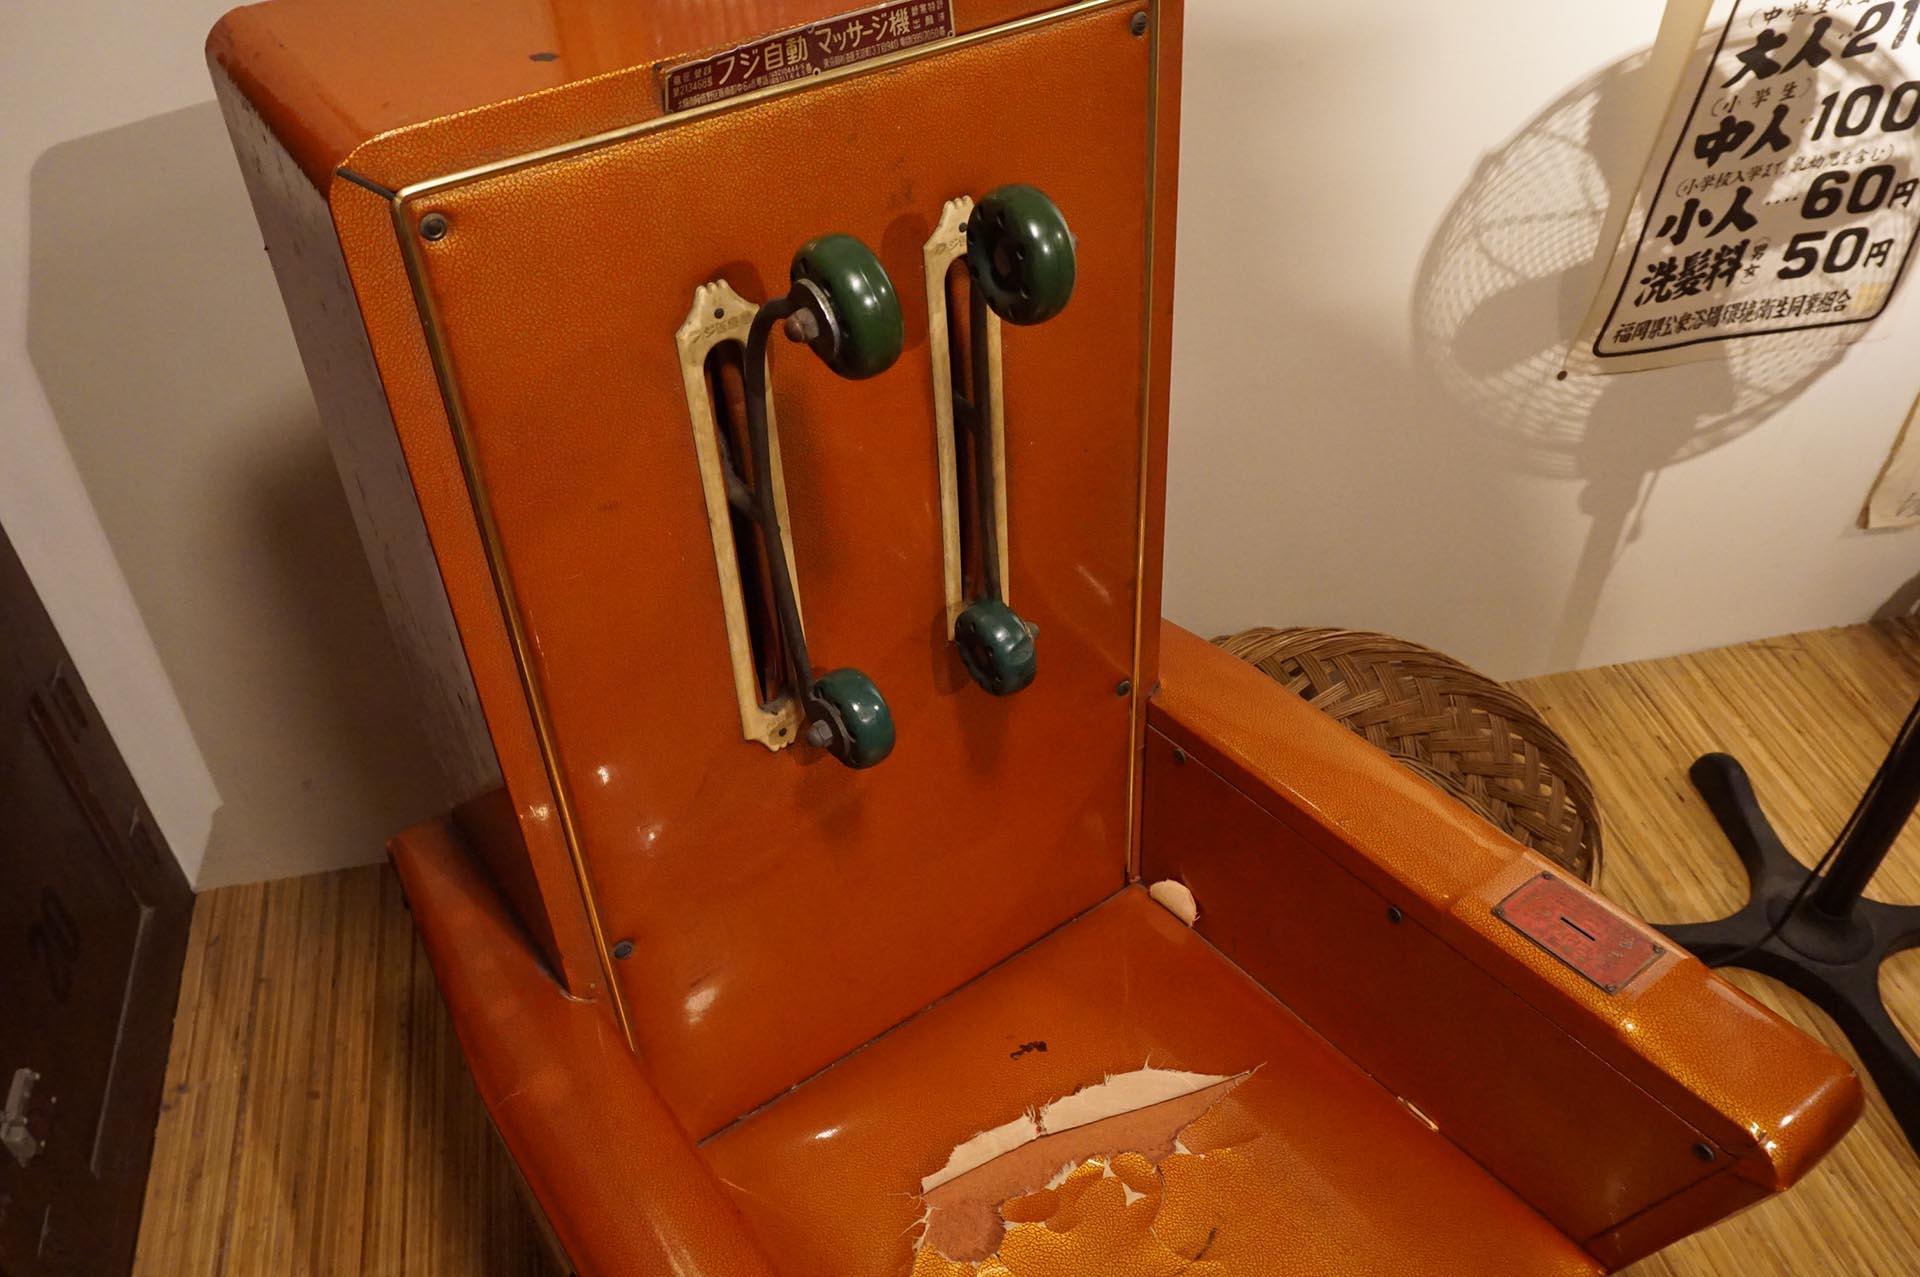 湯布院昭和館のマッサージ機